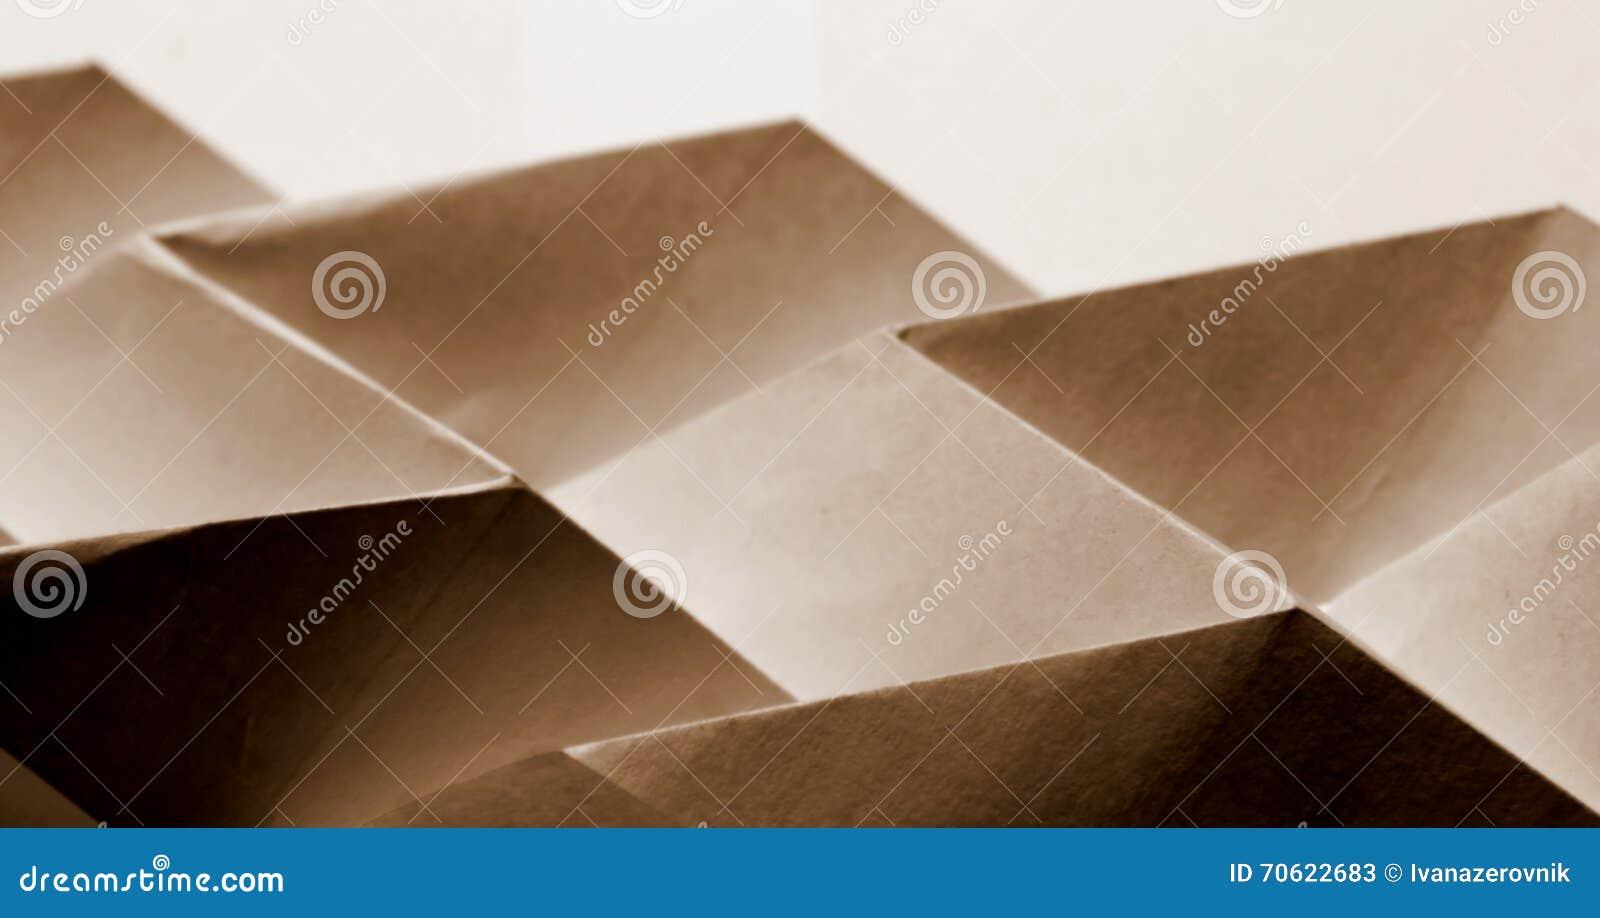 Sumário de papel dobrado